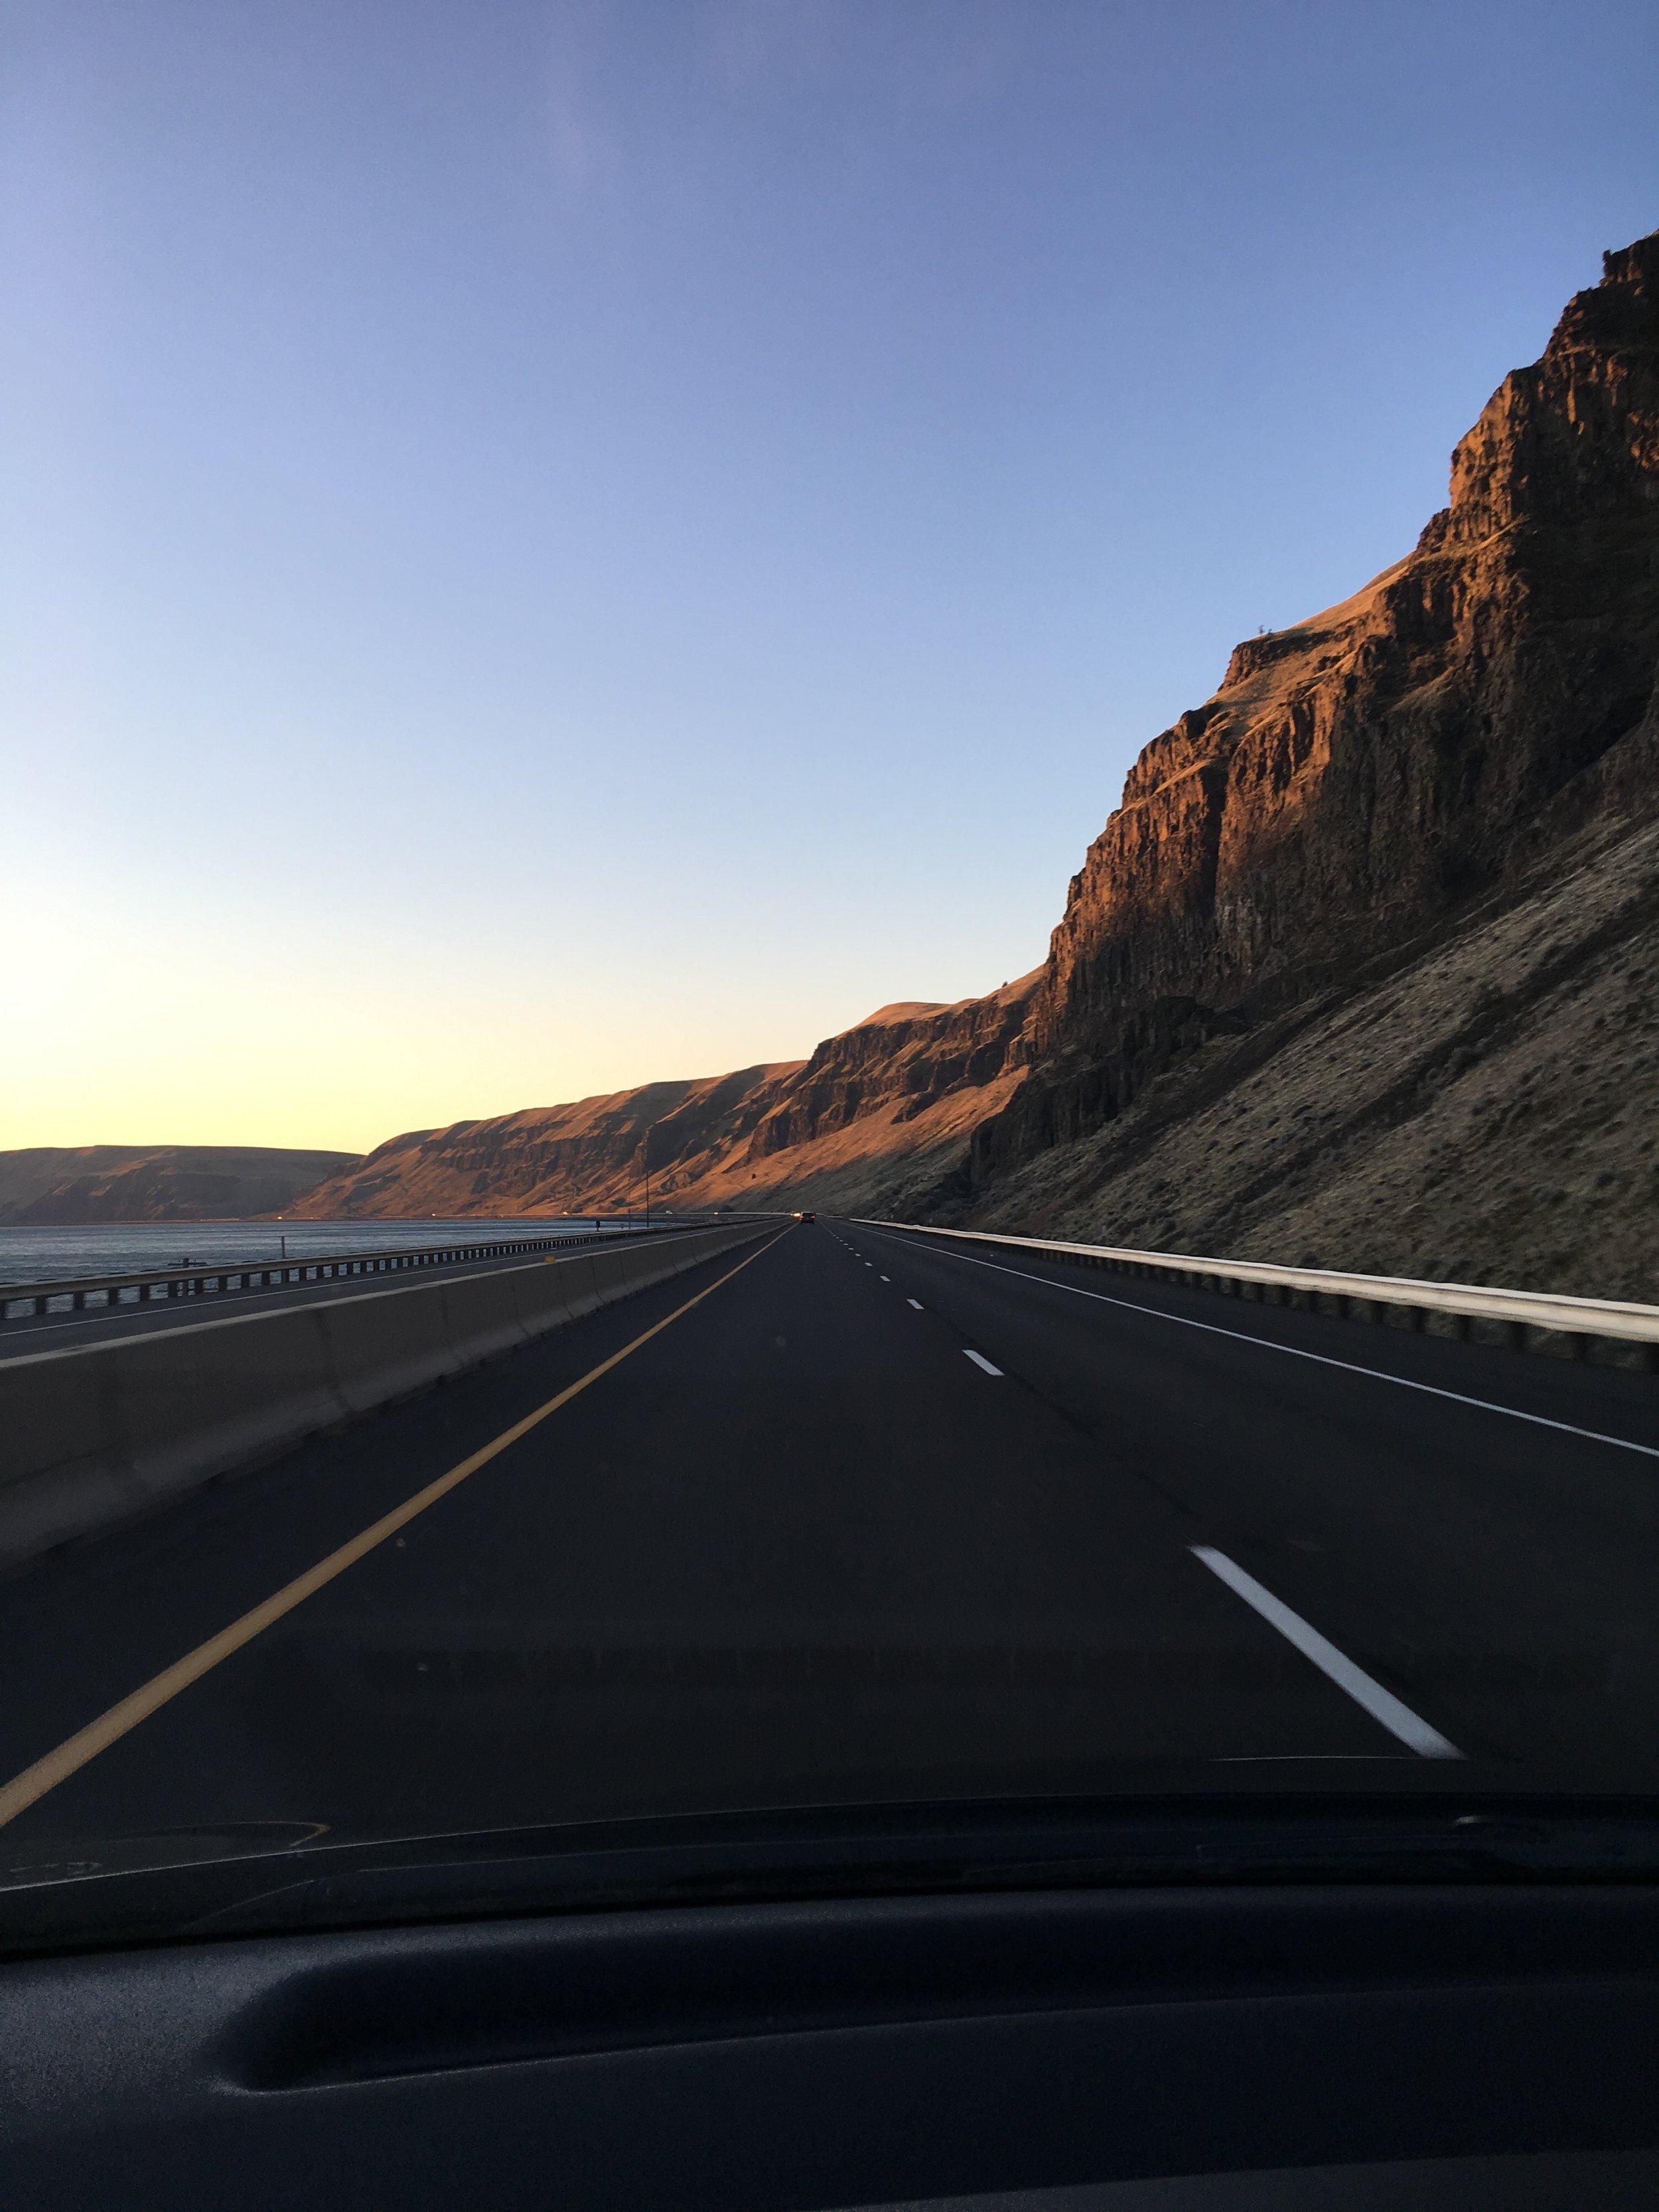 Canyon on my way to Phoenix, AZ